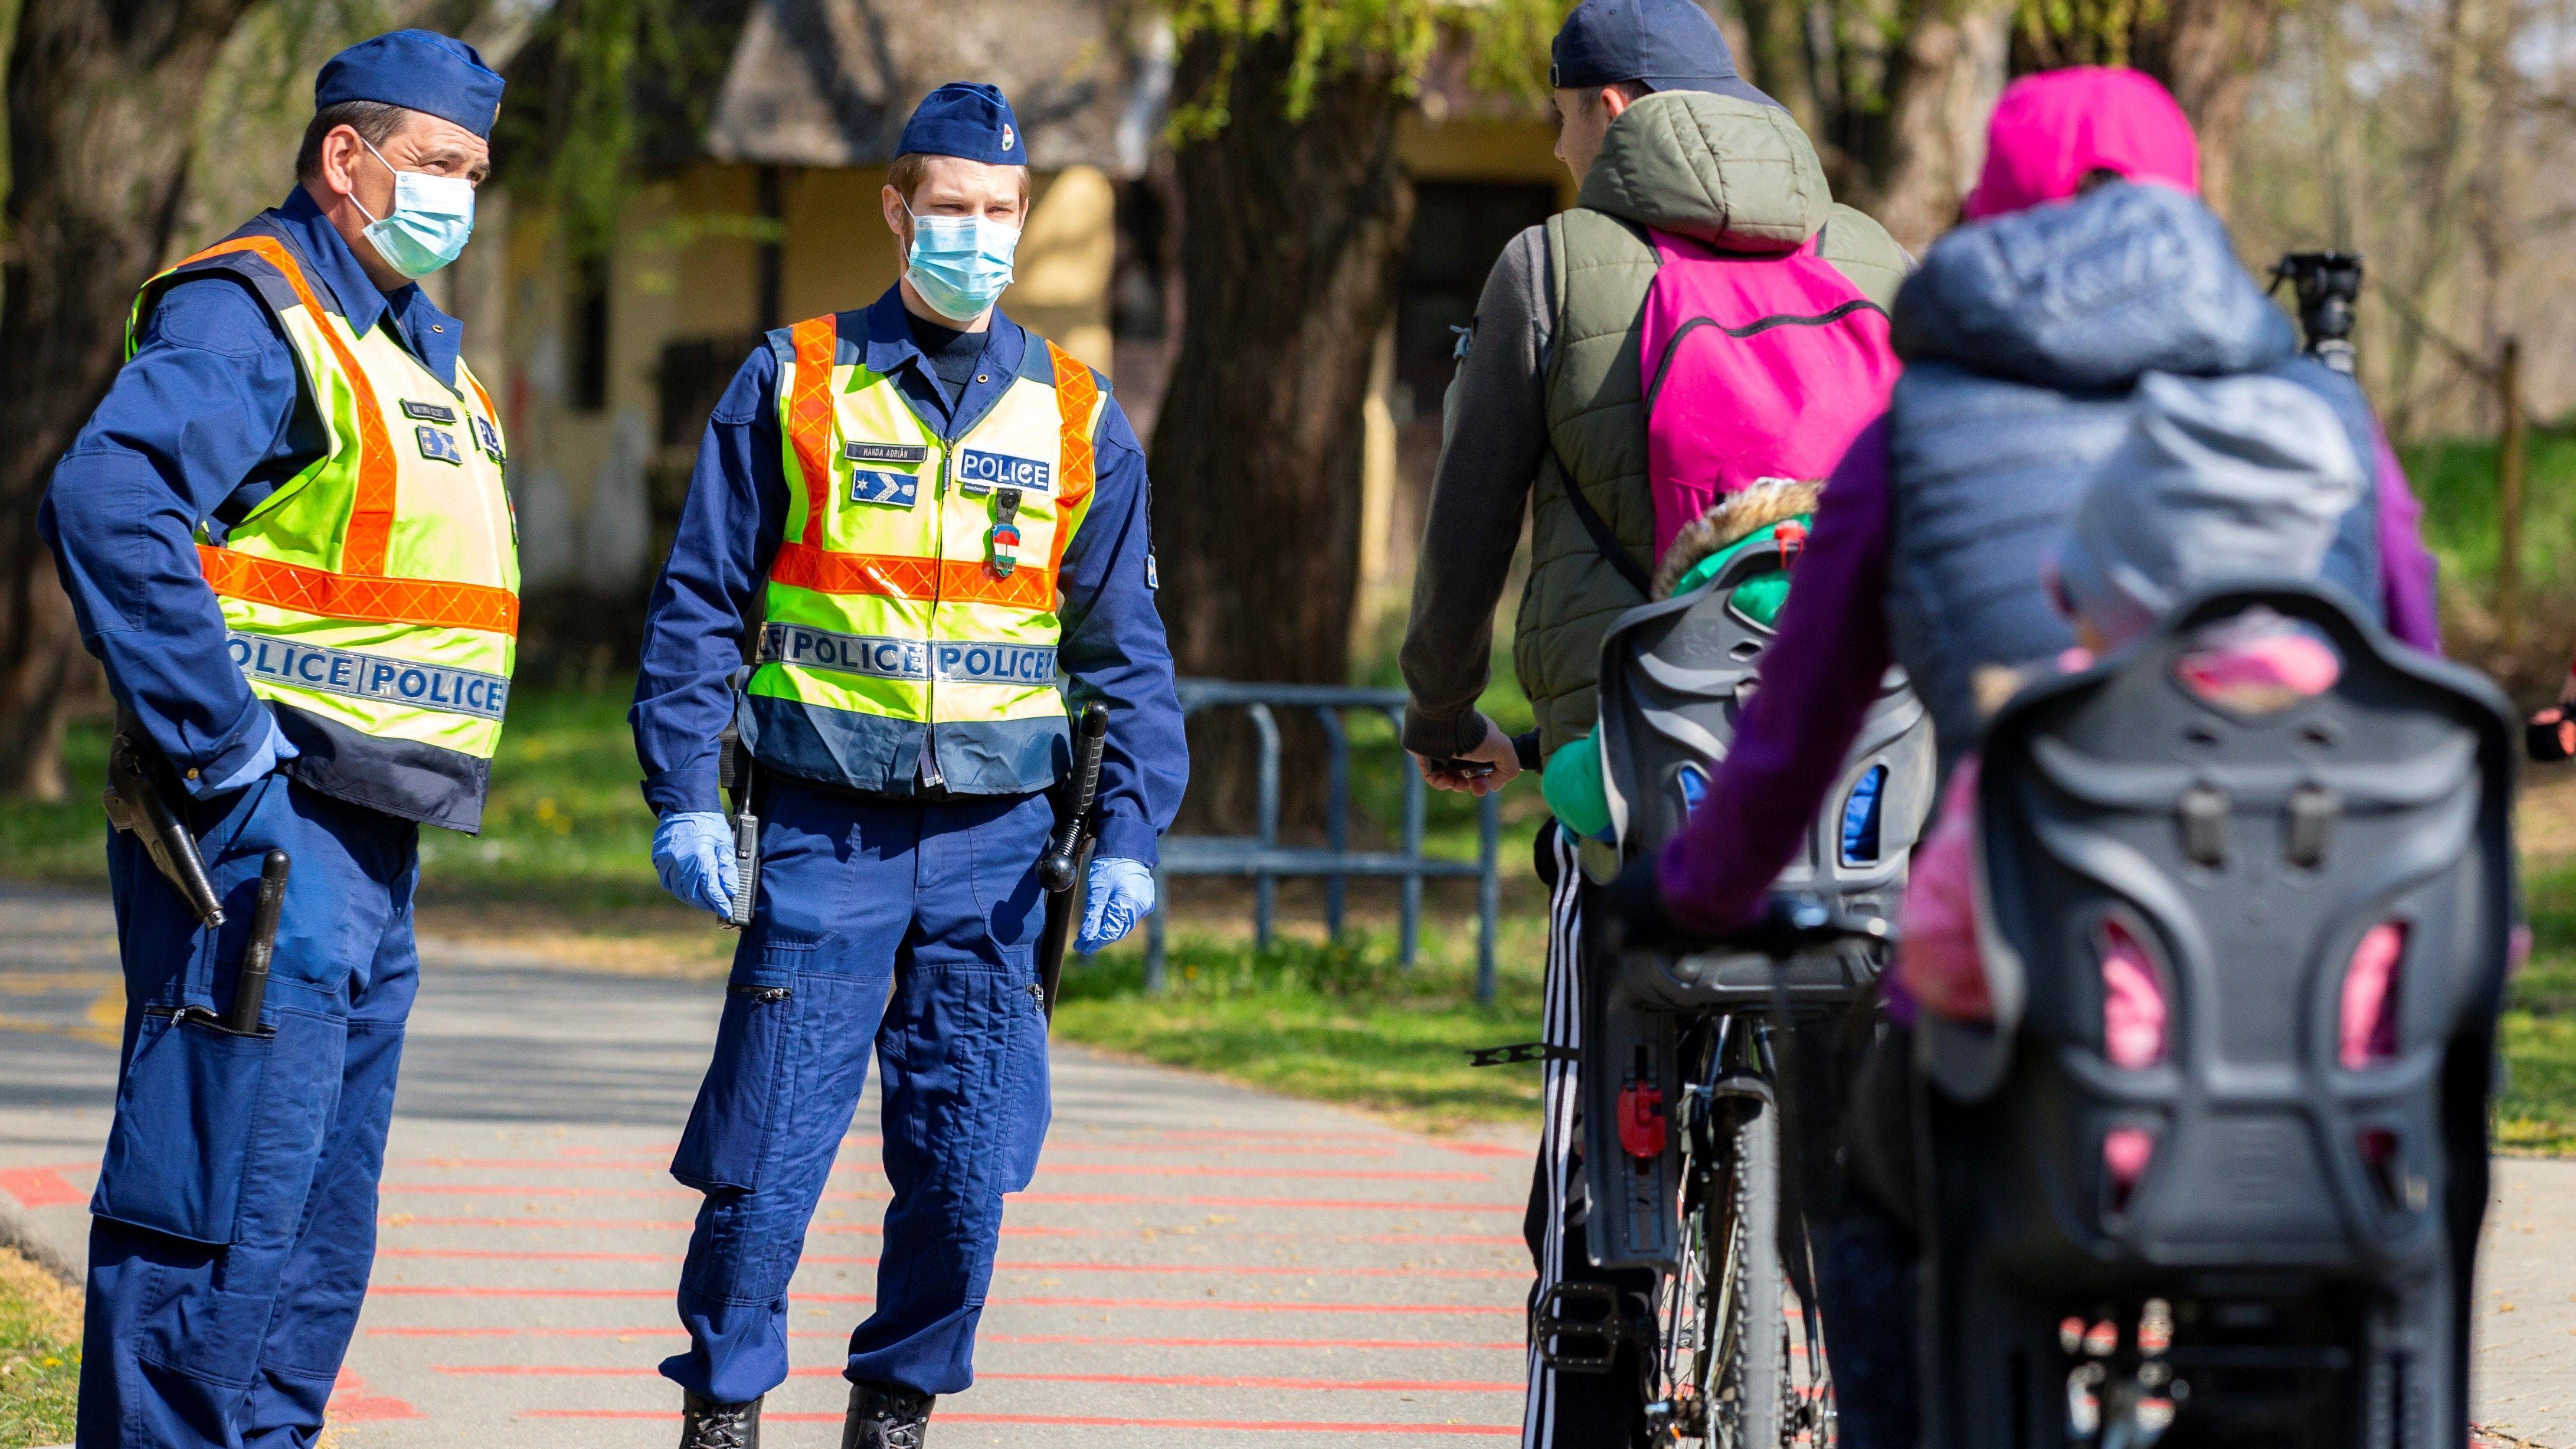 """A rendőrség a közterületeken """"megnyugtató, segít, empatikus és lojális intézkedésekkel"""" sarkallja a lakosságot a kijárási korlátozás betartására. (Fotó: MTI/Varga György)"""